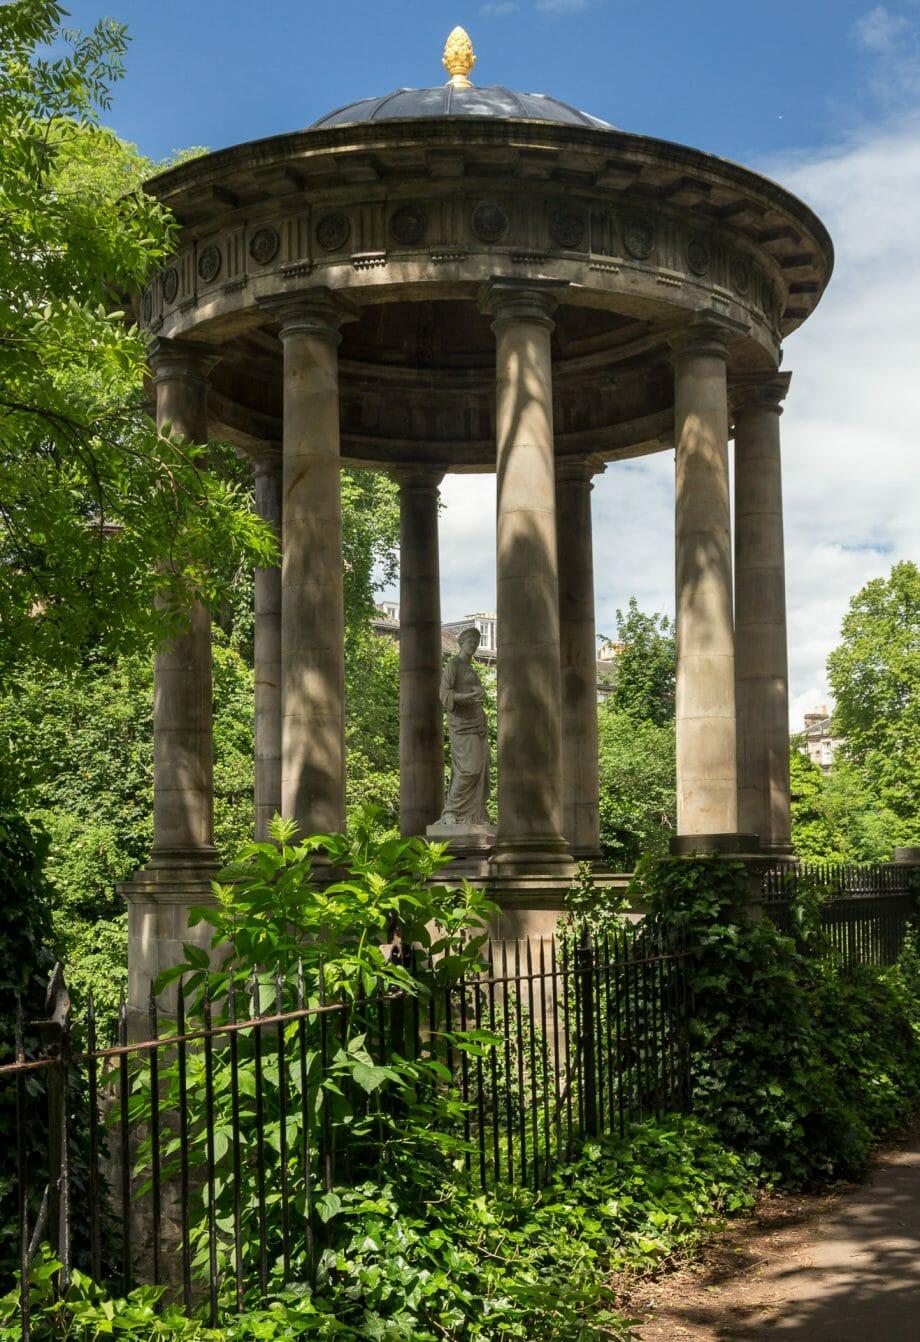 St Bernard's Well auf dem Rückweg